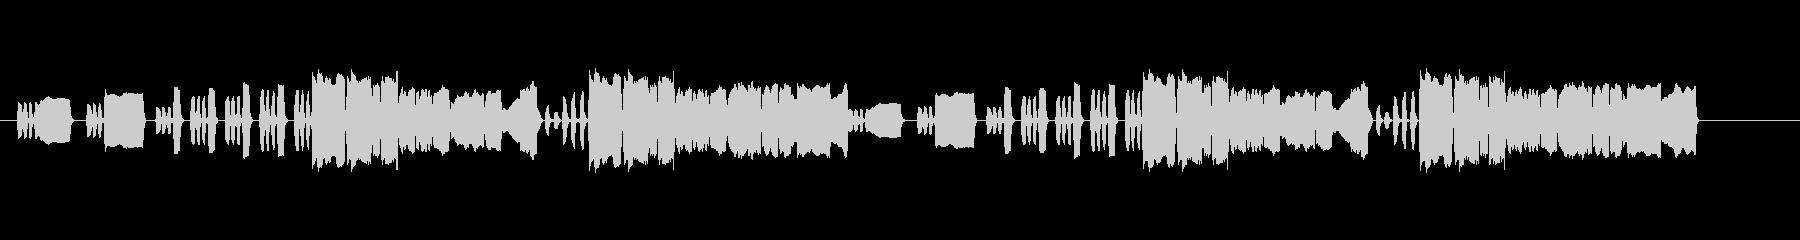 メンデルスゾーン「結婚行進曲」リコーダーの未再生の波形